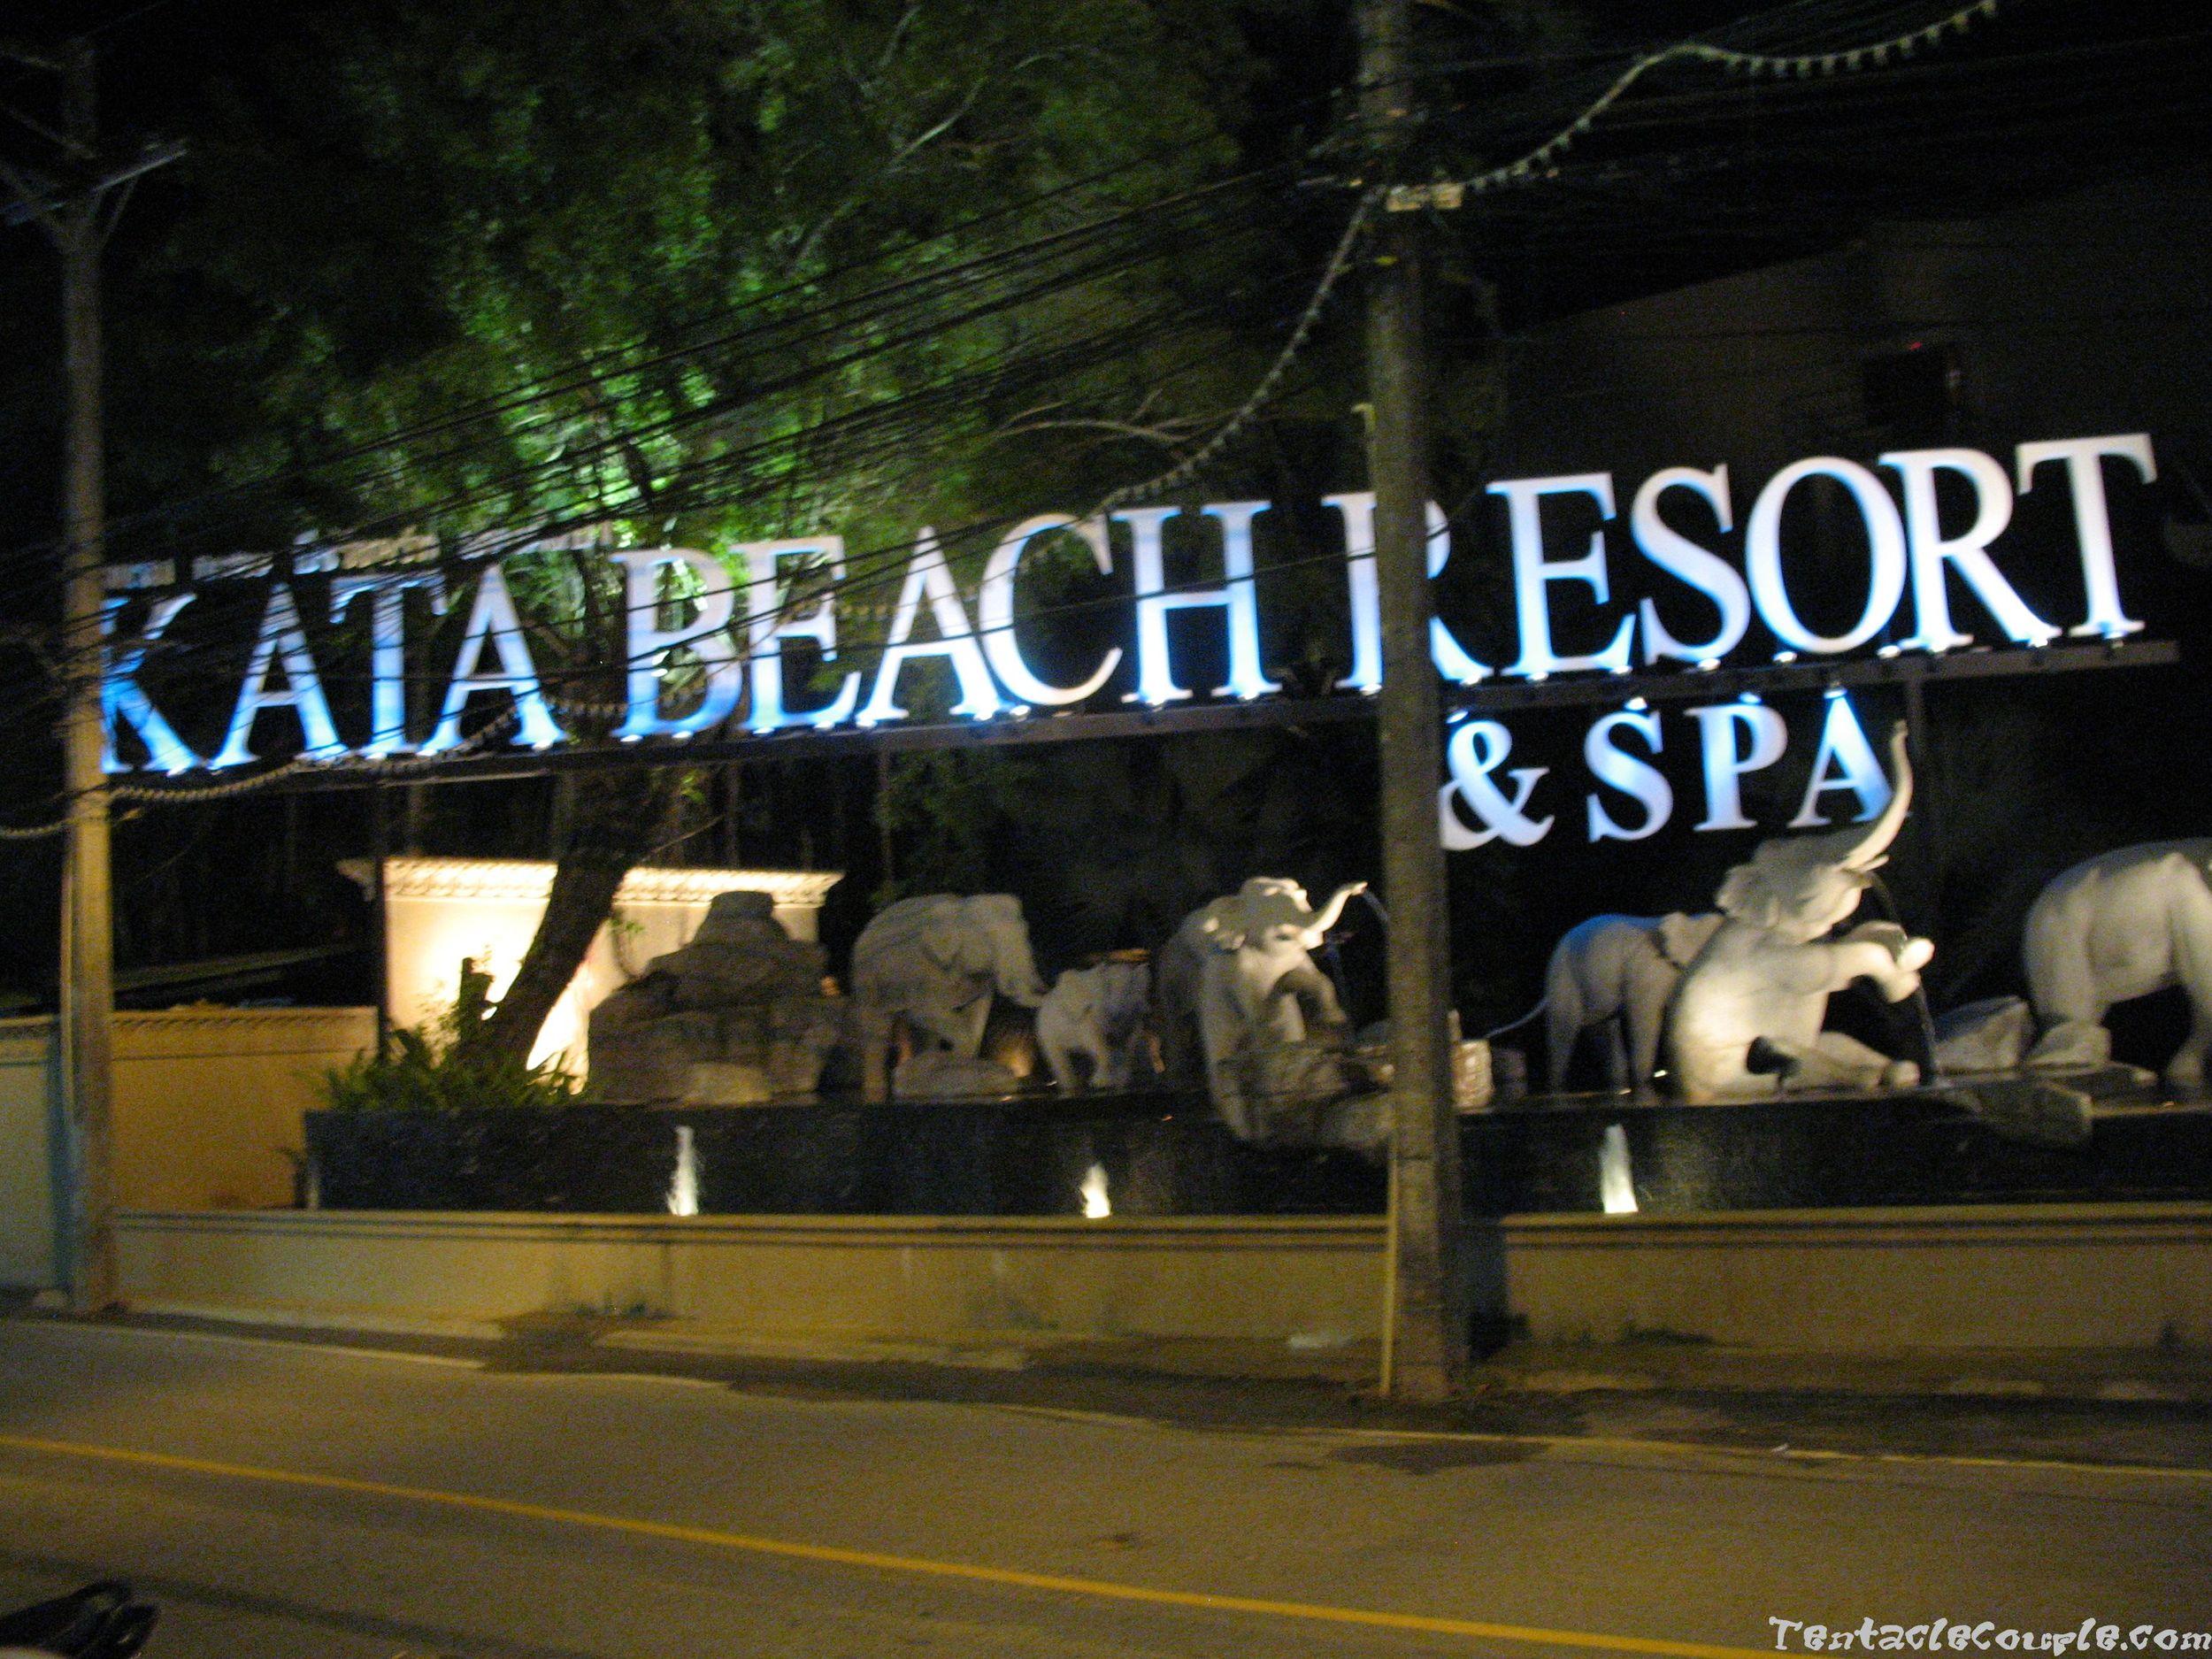 Katatani Beach Resort